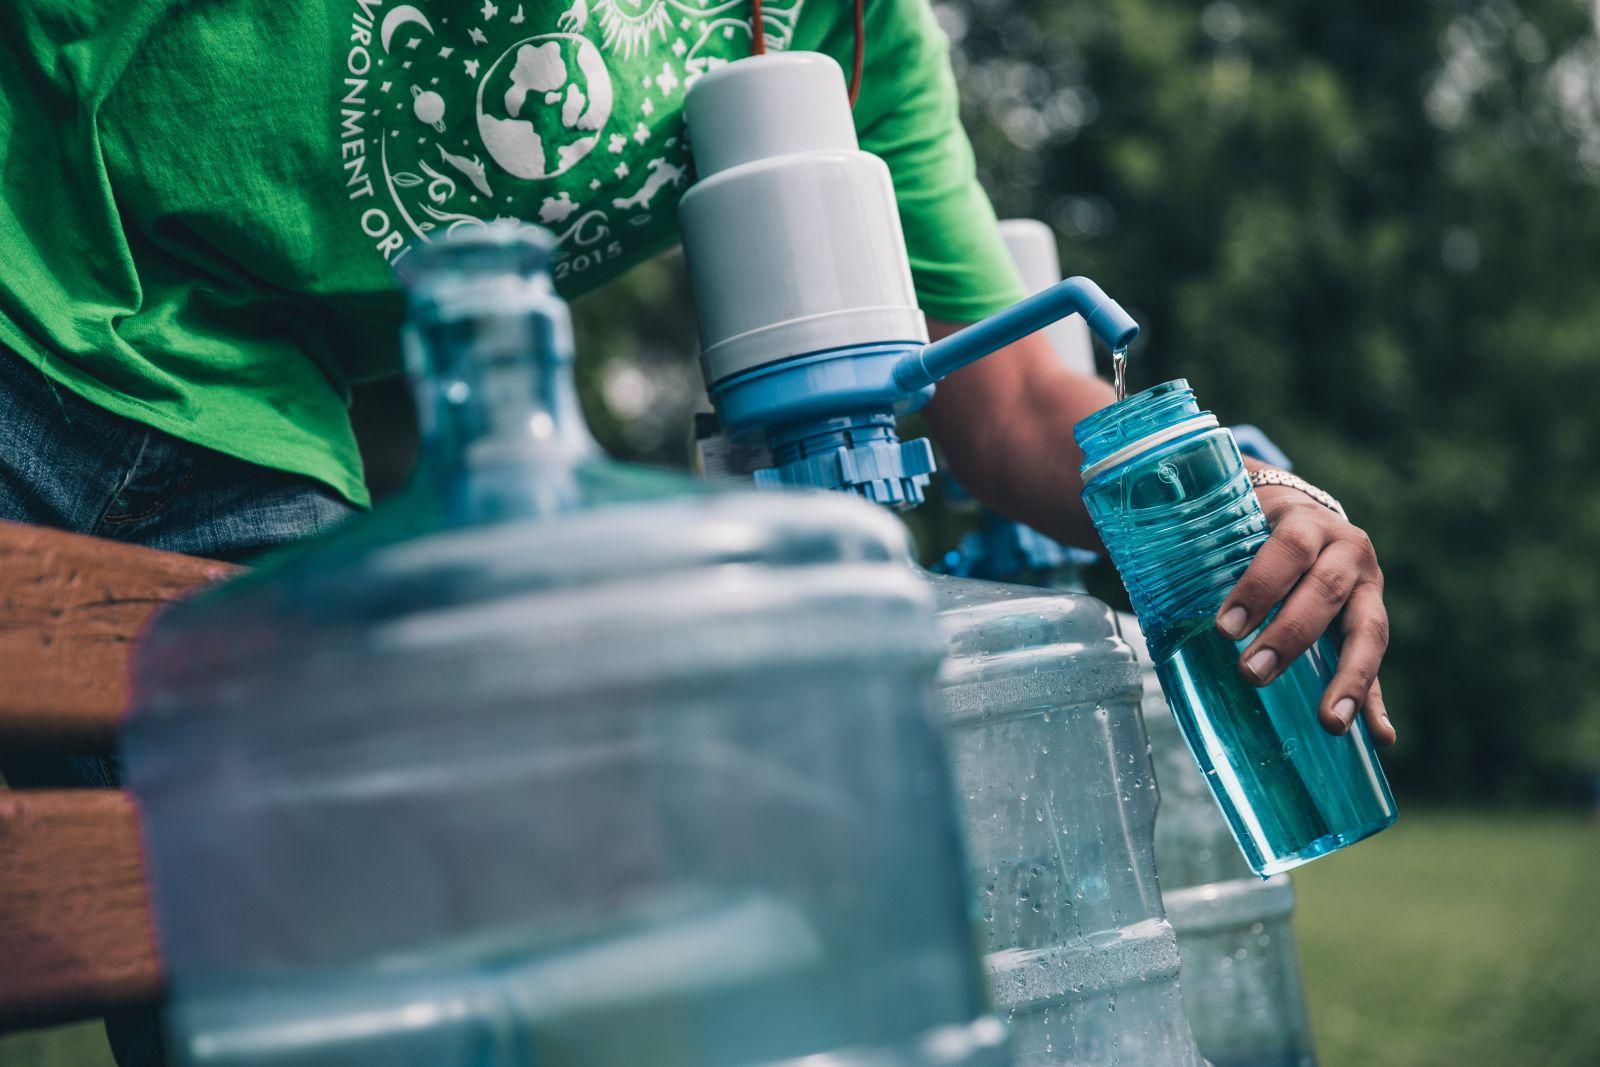 nhựa được dùng trong tất cả mọi lĩnh vực